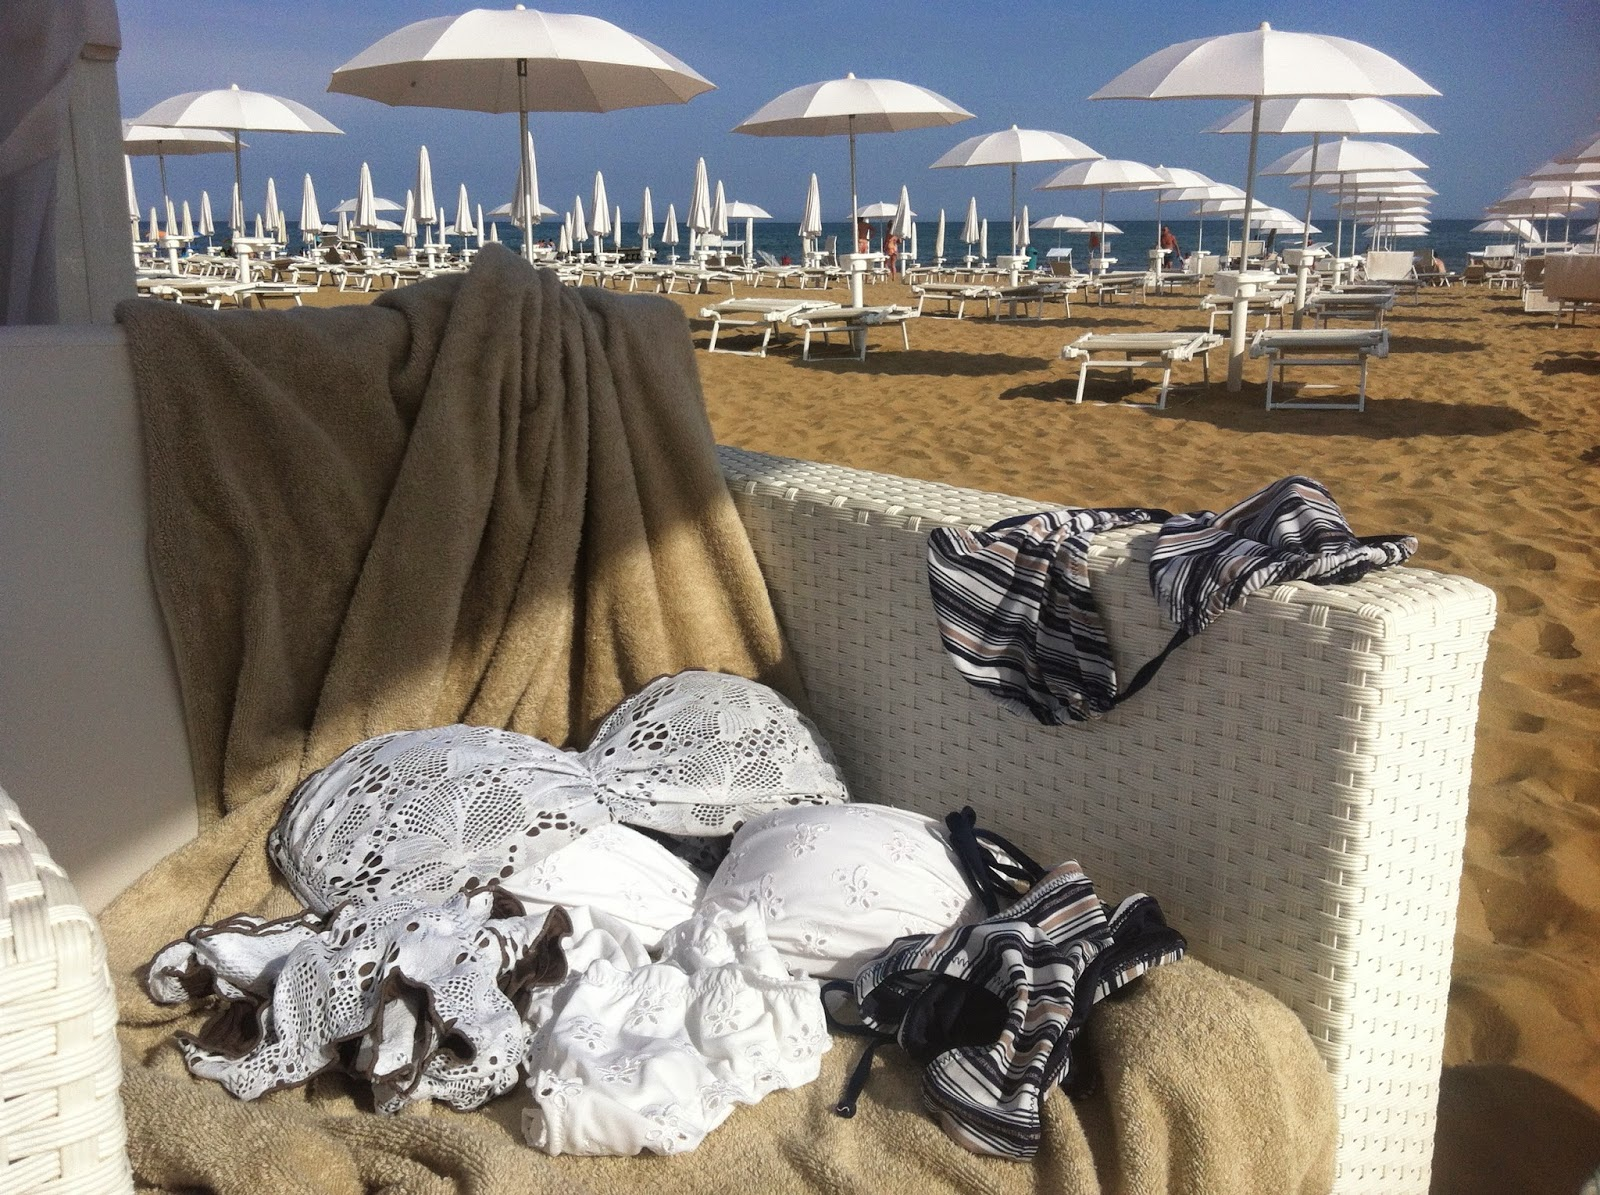 a727660b49c5 Bikini 2014, costumi Goldenpoint, Philippe Matignon, SiSi, Golden Lady, costumi  estate